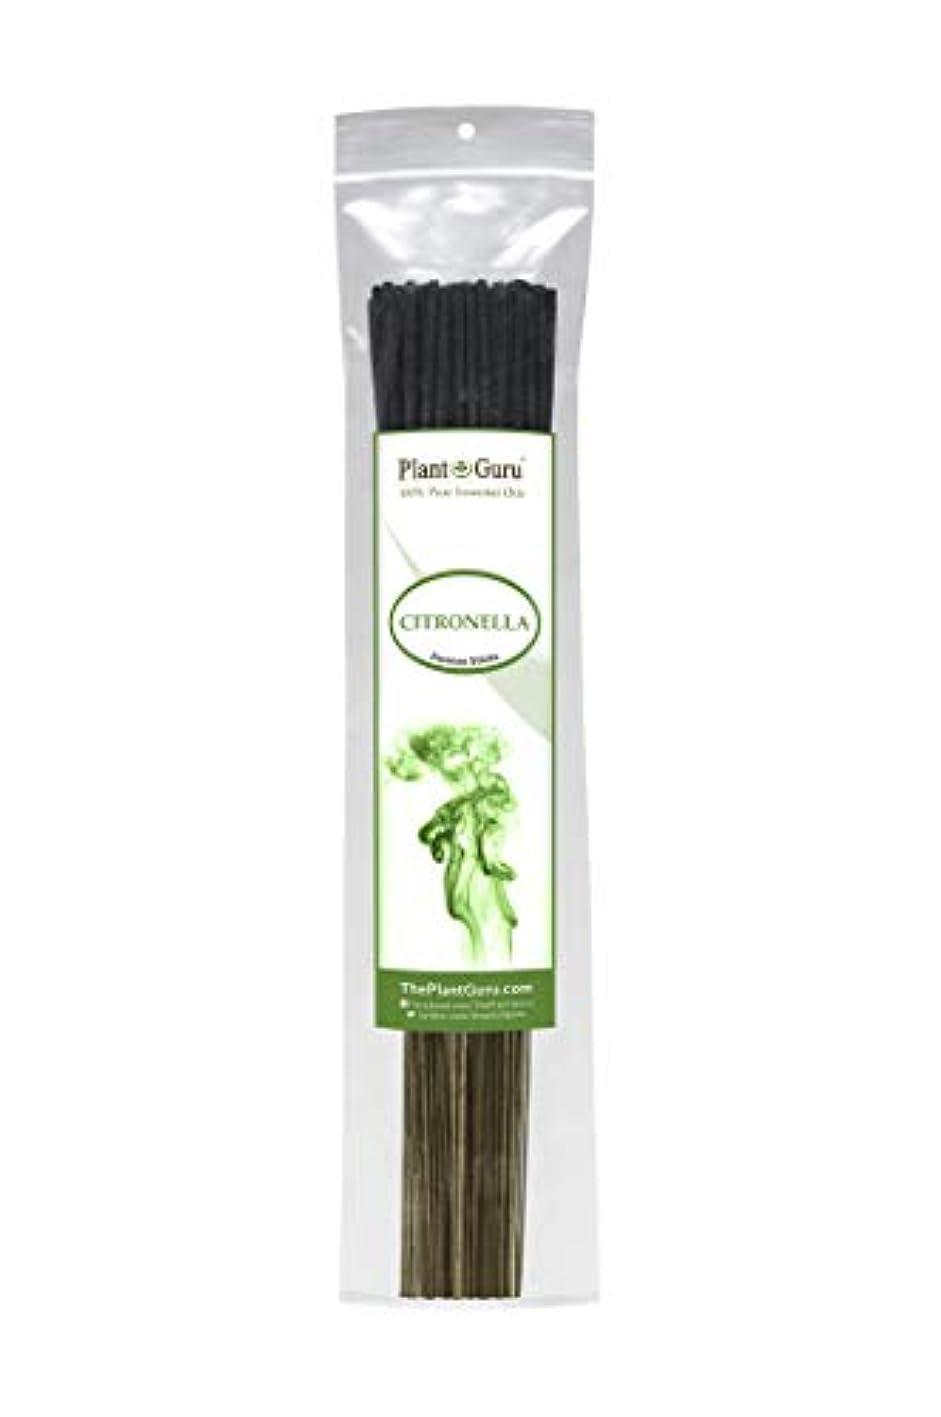 観点栄光の火薬植物グルシトロネラ線香 防虫剤 85~100本セット 高品質スムーズで清潔 各スティックの長さは10.5インチで燃焼時間はそれぞれ45~60分